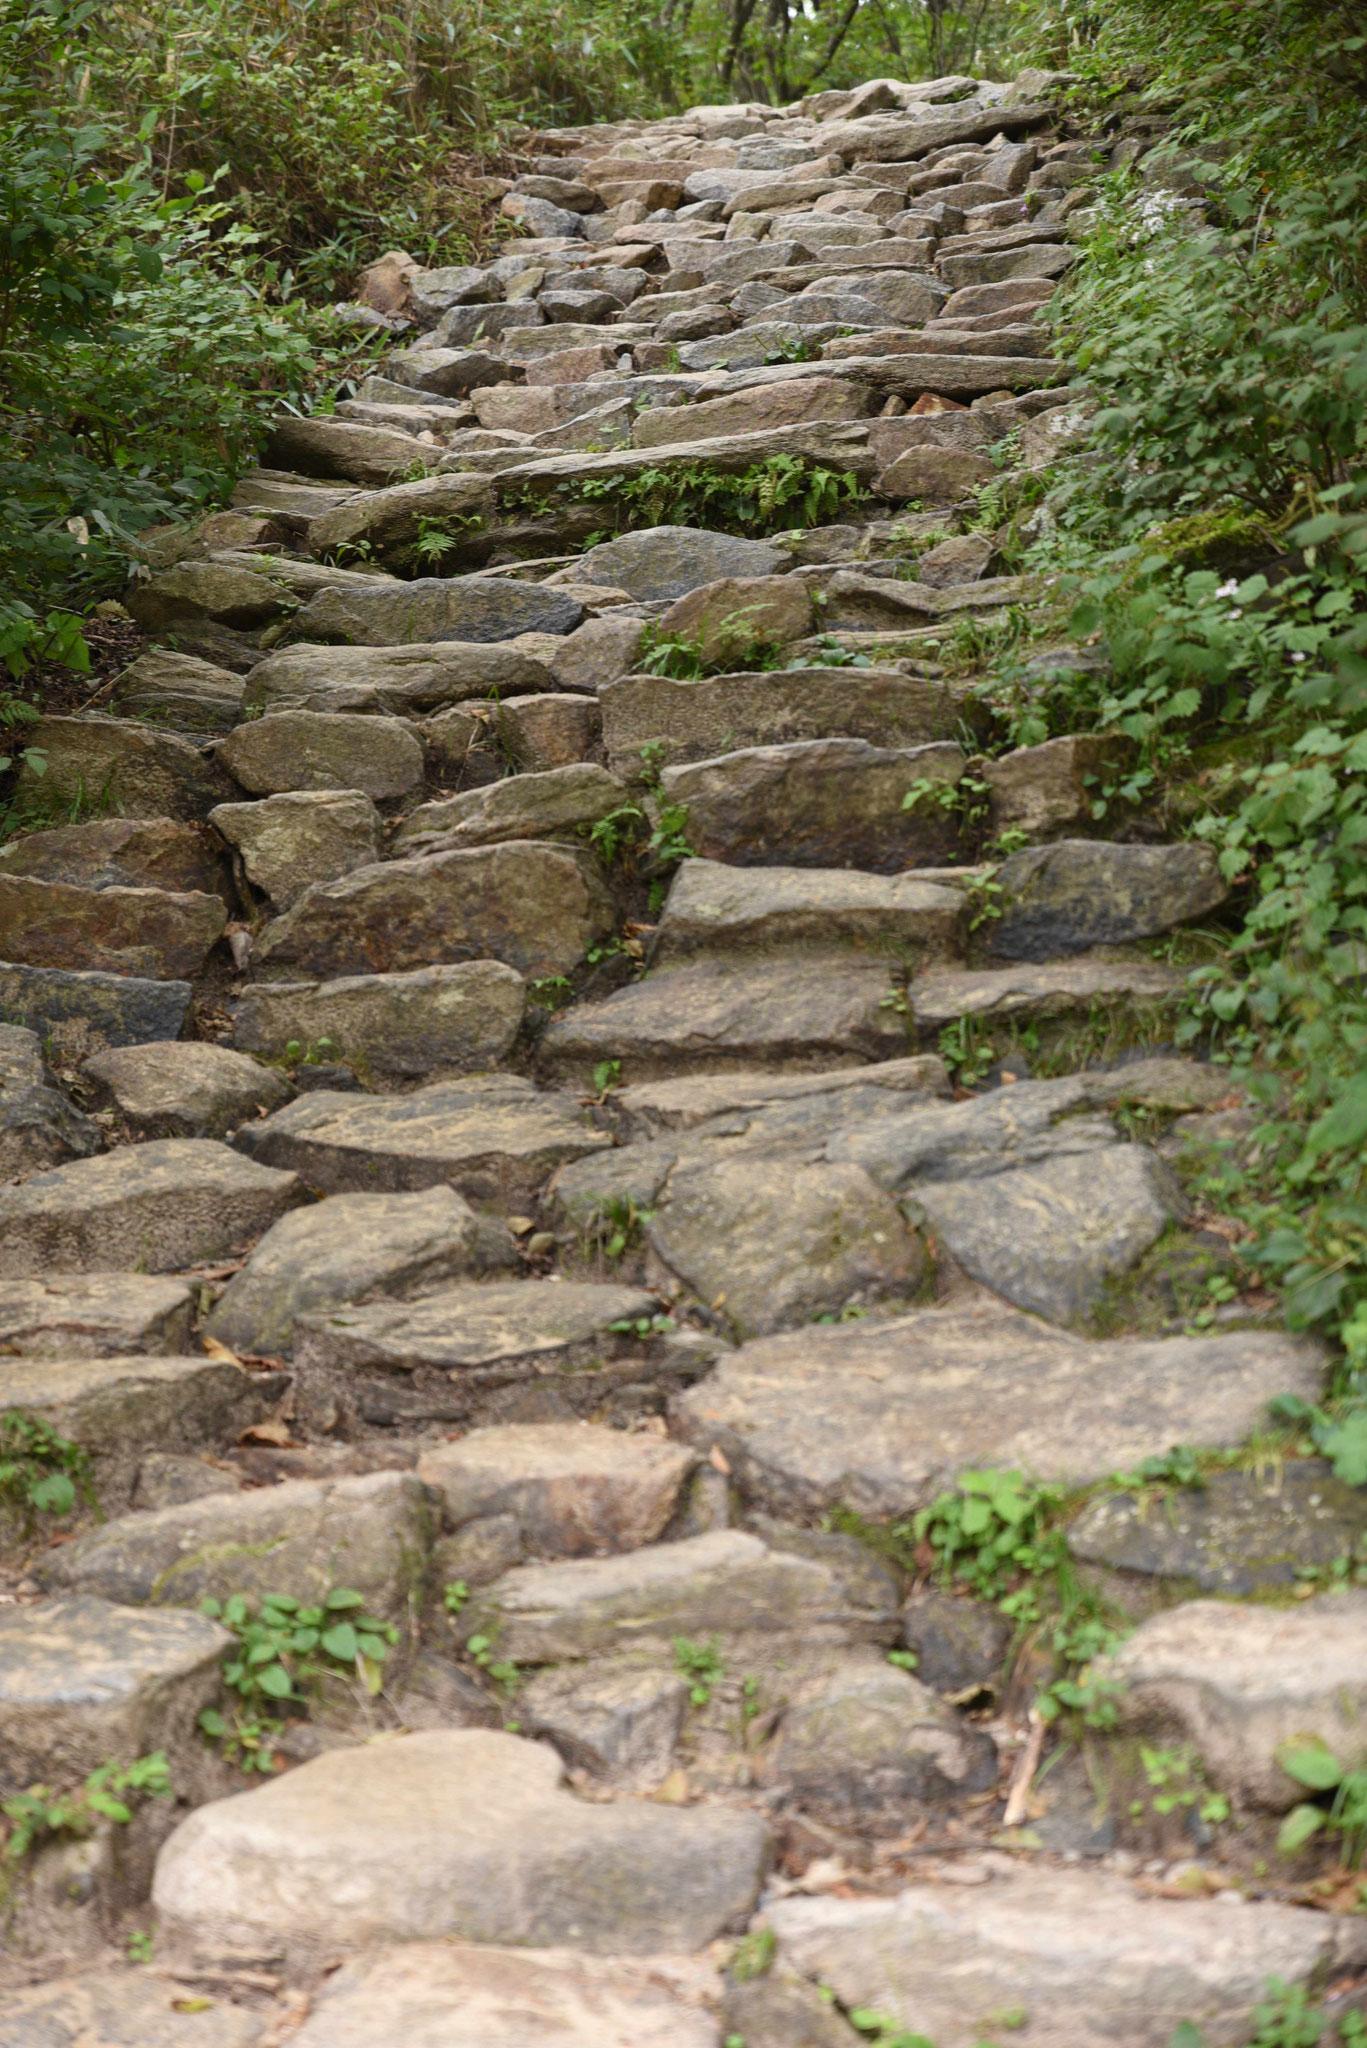 Steiniger Weg durch den Wald